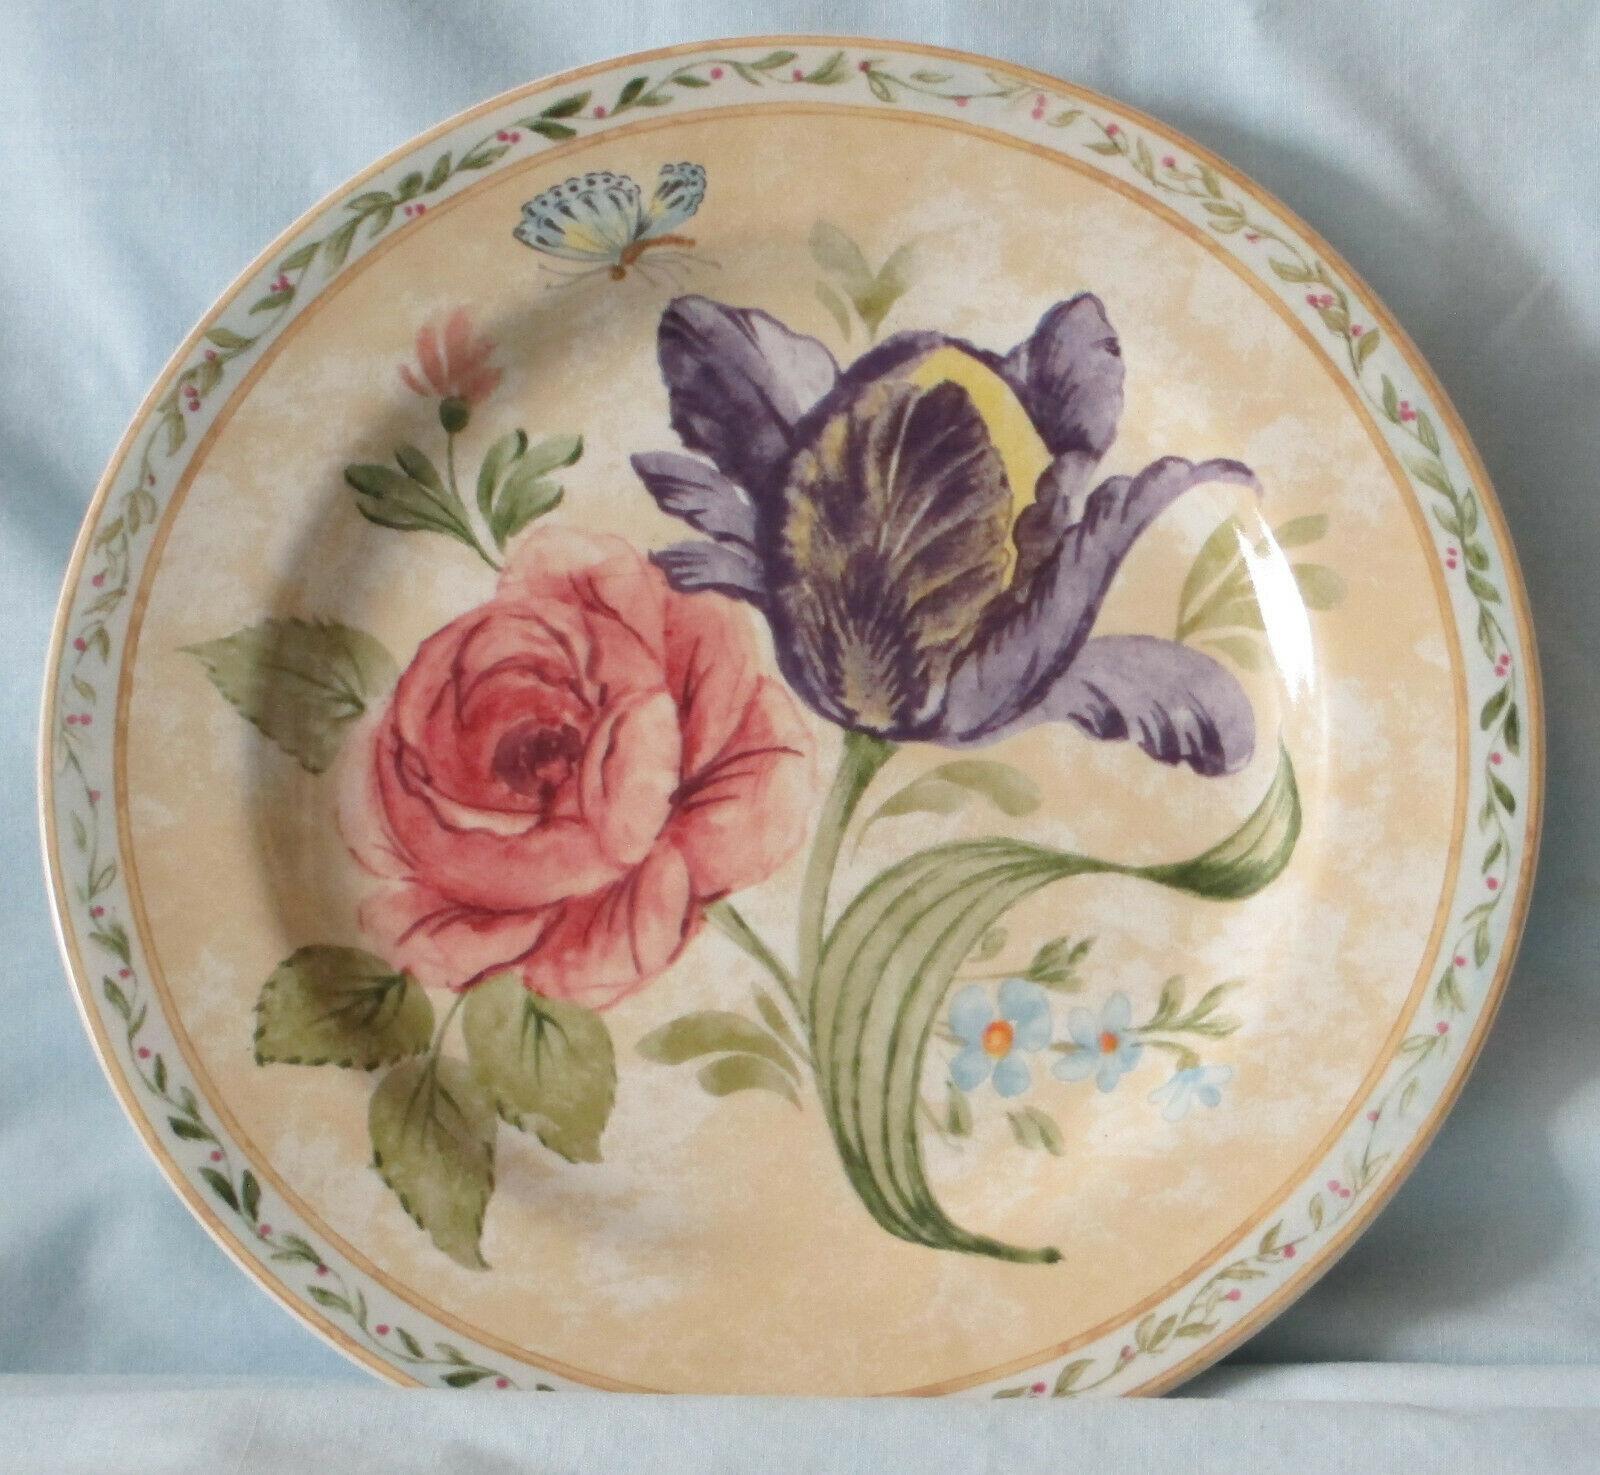 American Atelier 5024 Floral Daze Salad Plate set of 4 image 3